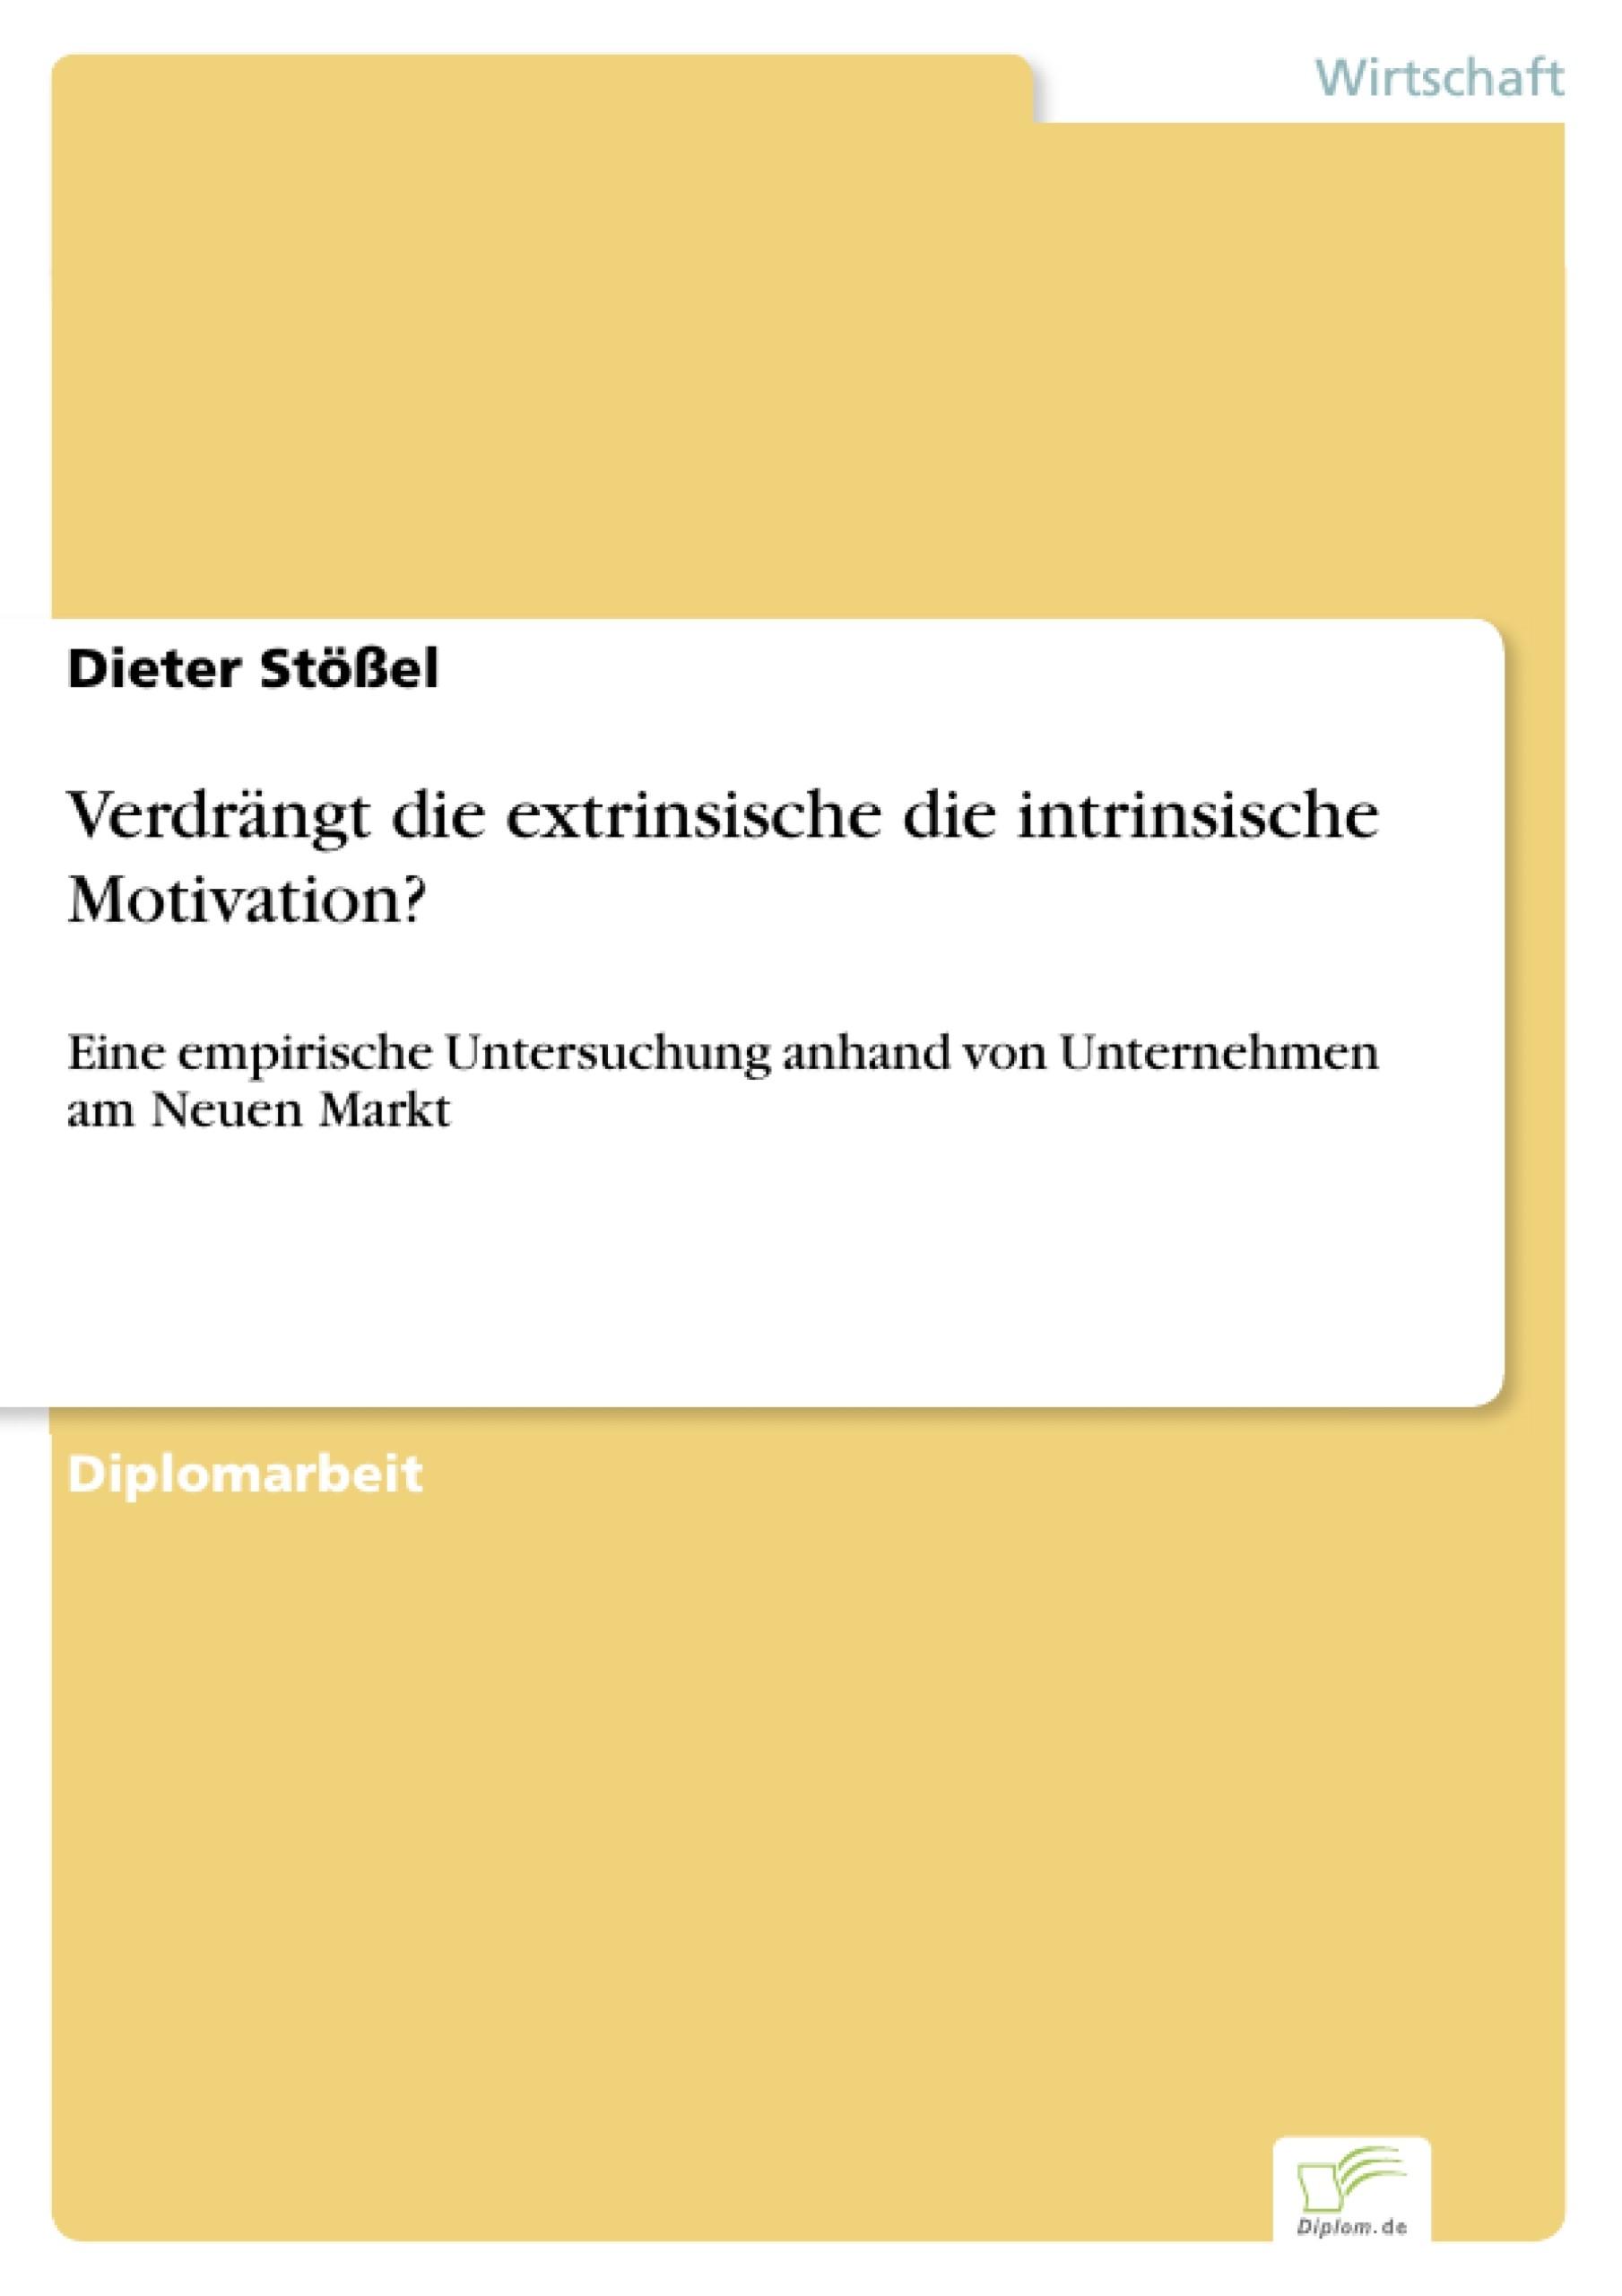 Verdrängt die extrinsische die intrinsische Motivation